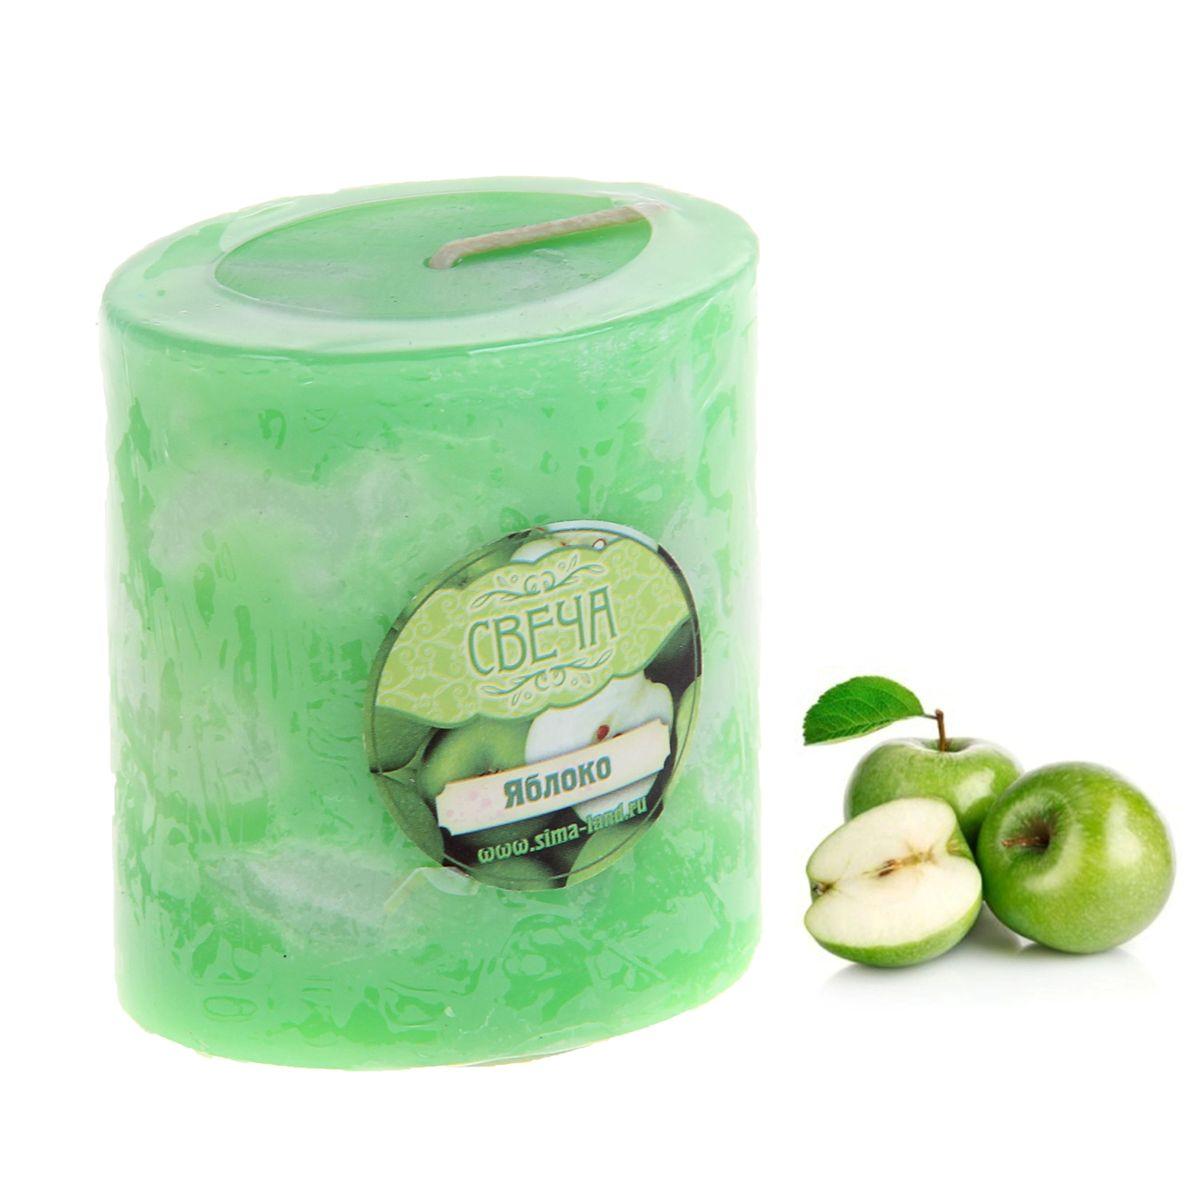 """Свеча ароматизированная Sima-land """"Слияние"""", с ароматом яблока, цвет: зеленый, белый, высота 7 см"""